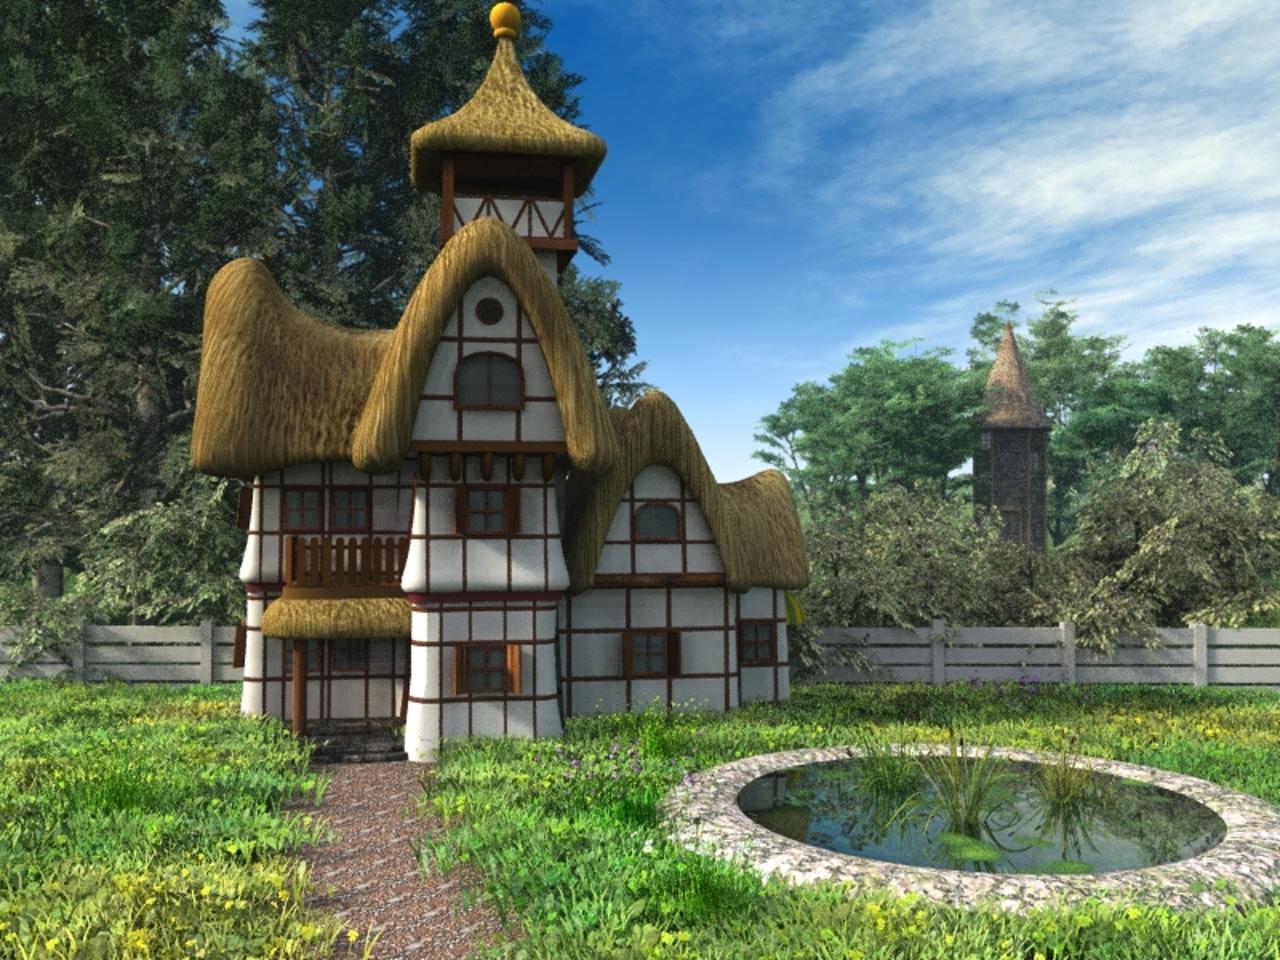 Fairytale Cottage By HBKerr On DeviantArt